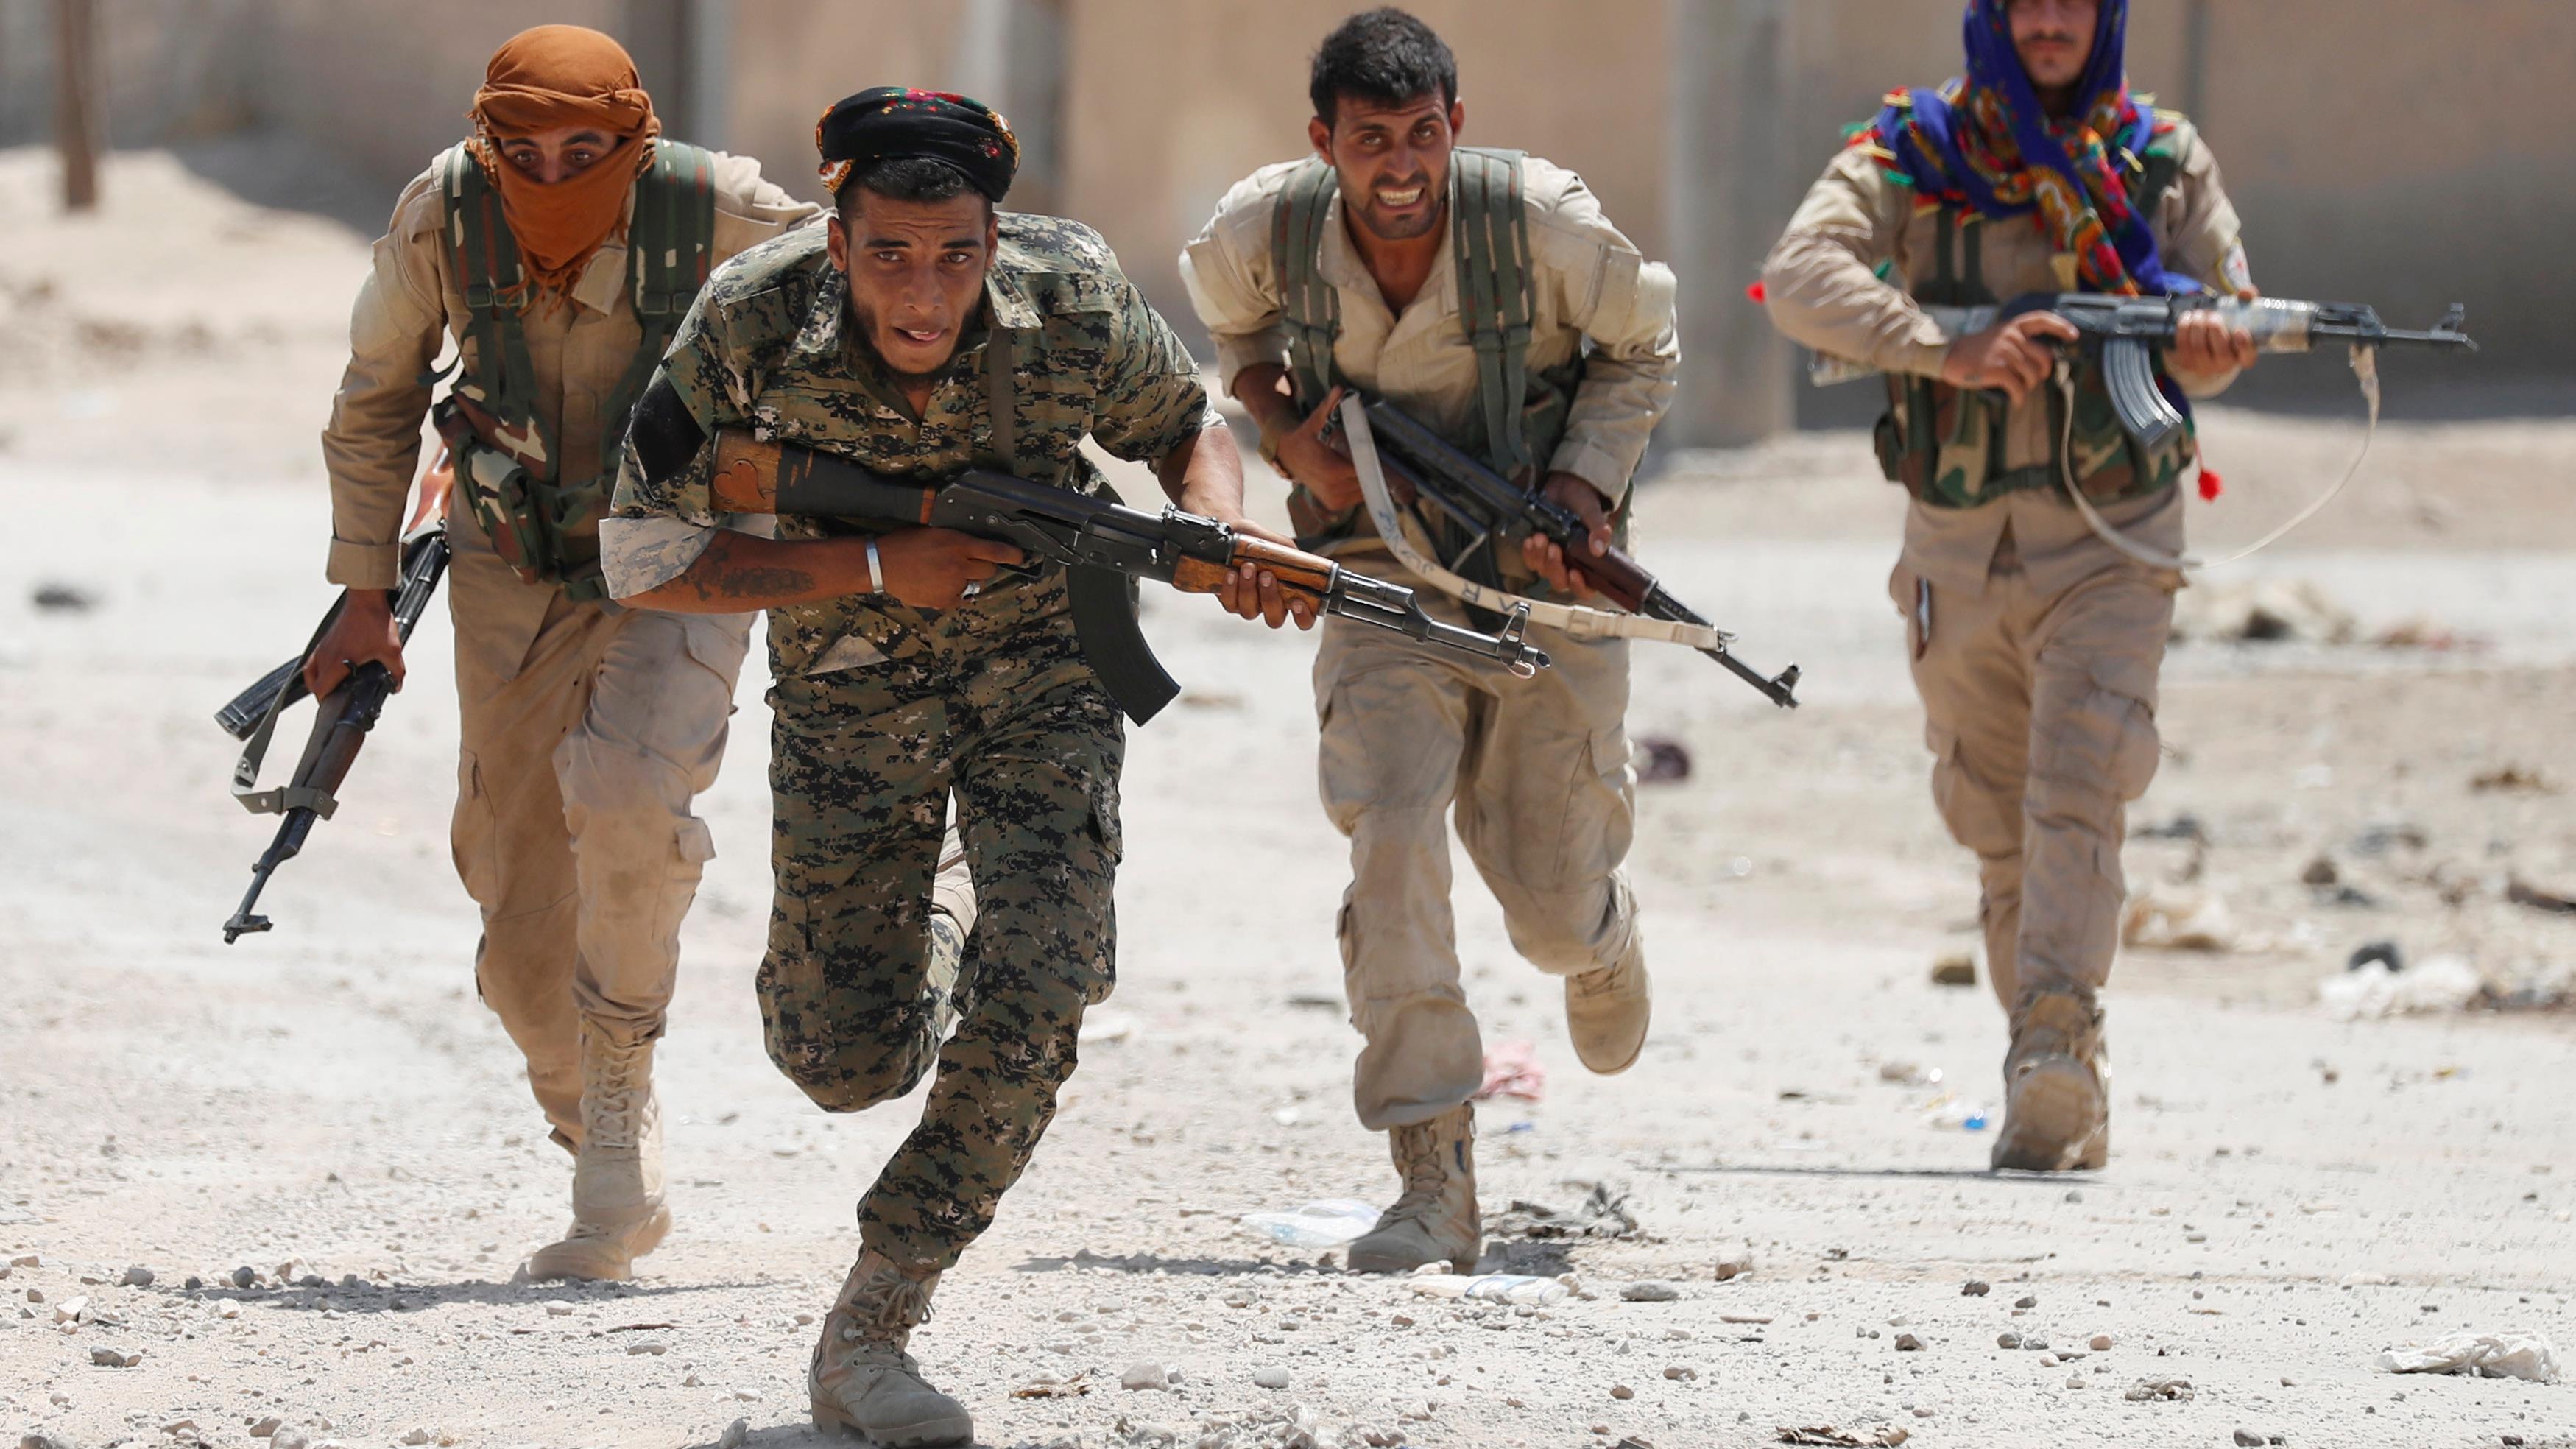 La CIA sabre son programme de soutien aux rebelles syriens